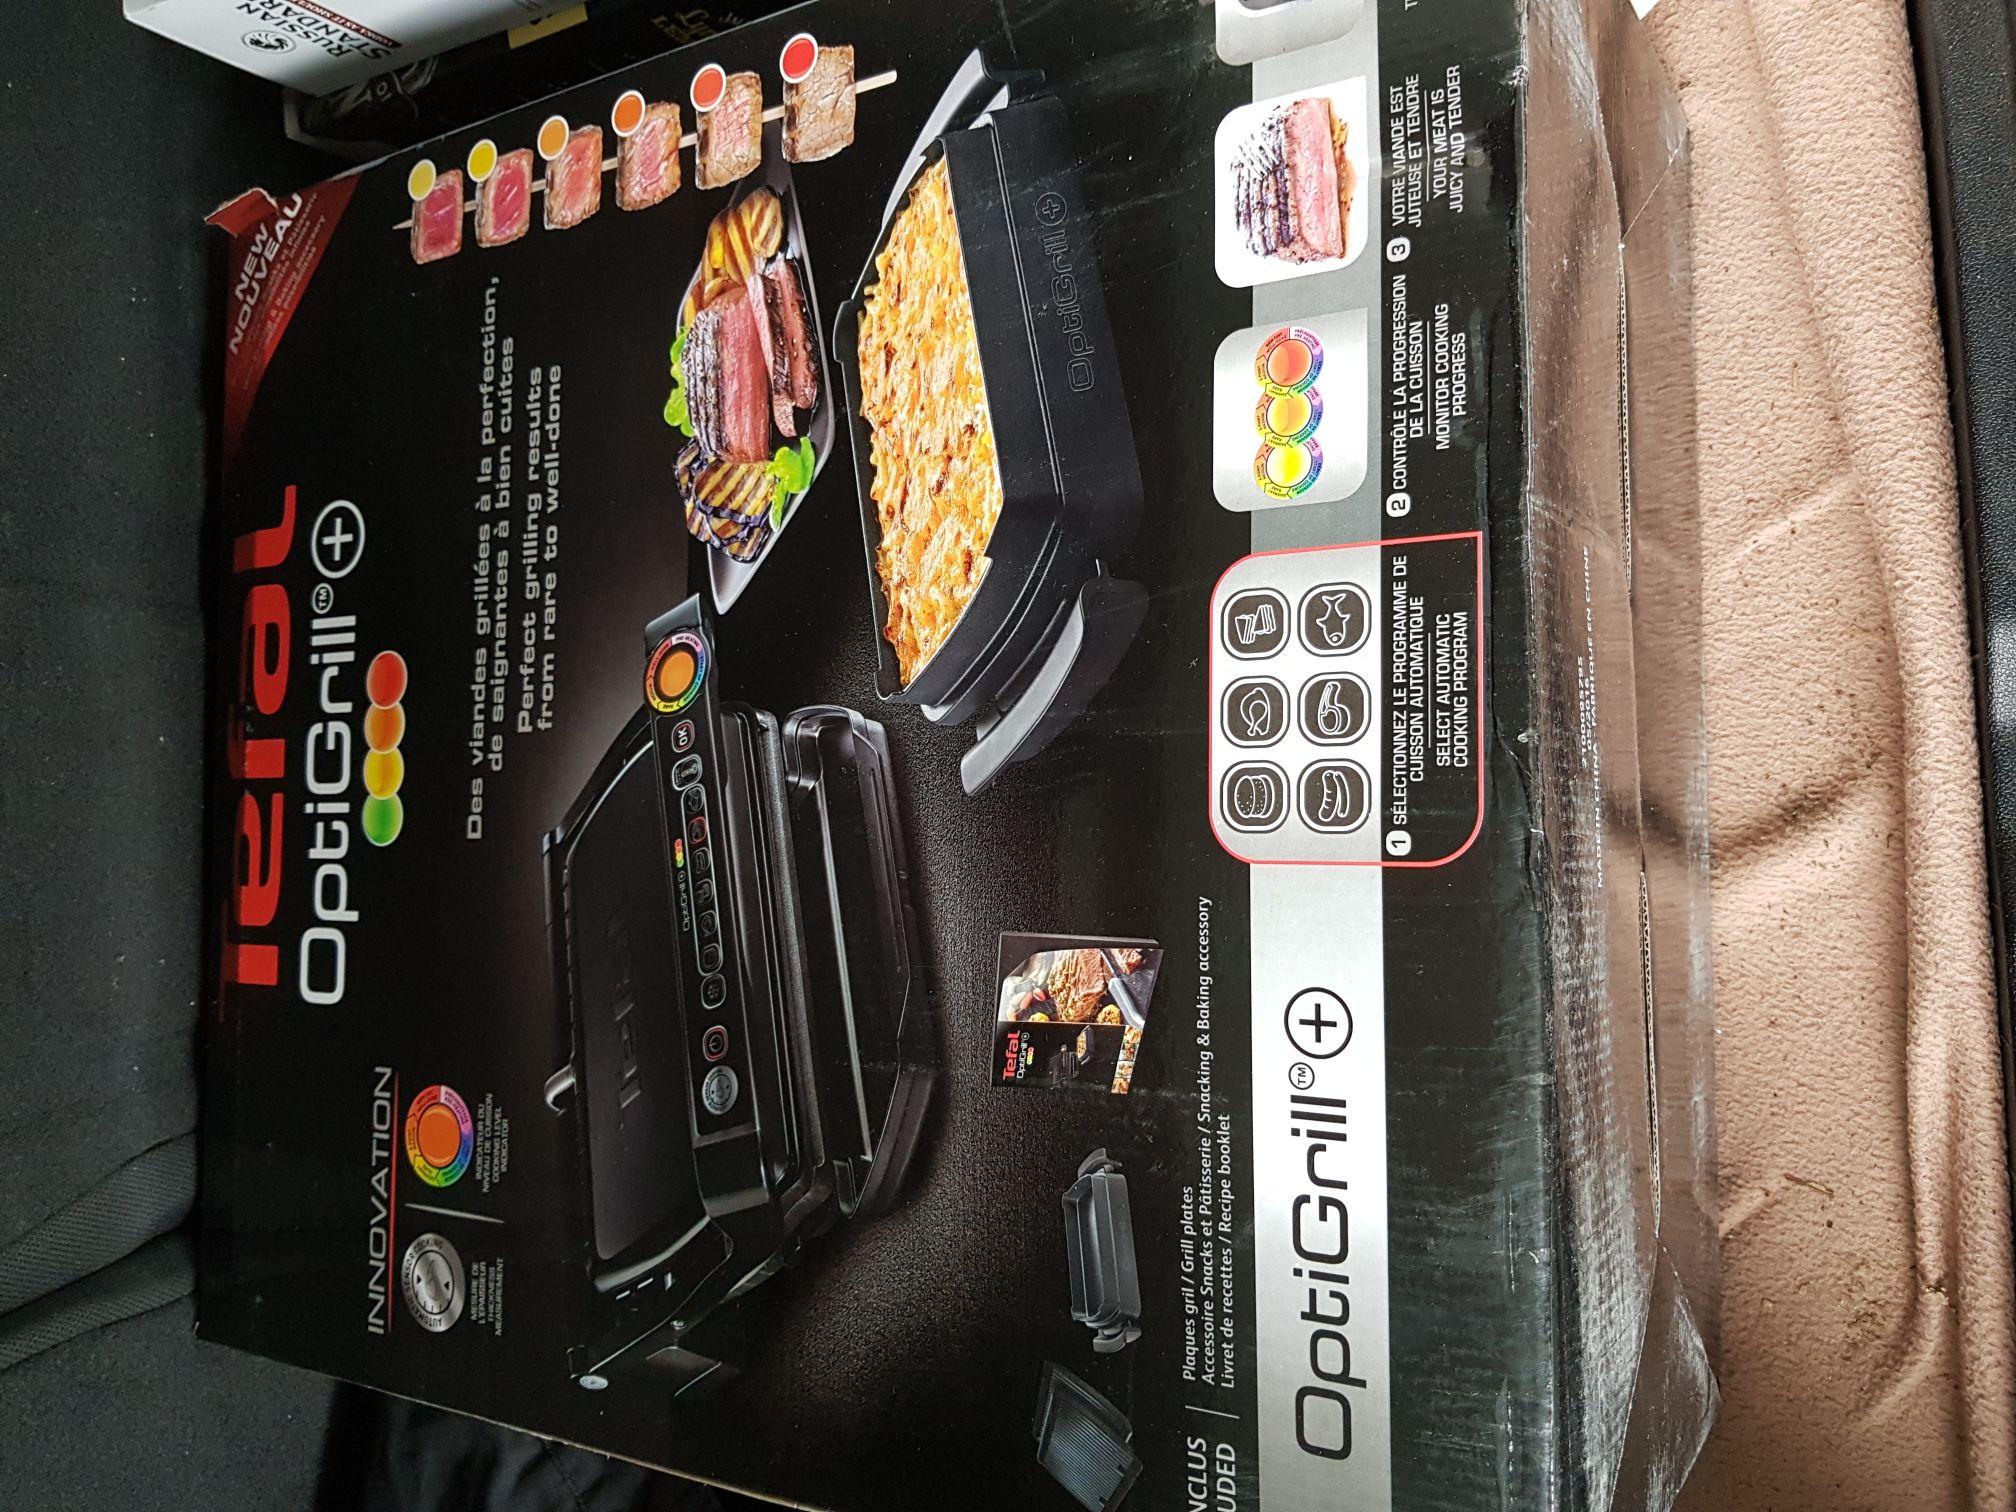 Metro Kassel Tefal GC7148 Optigrill plus Snacking & Baking